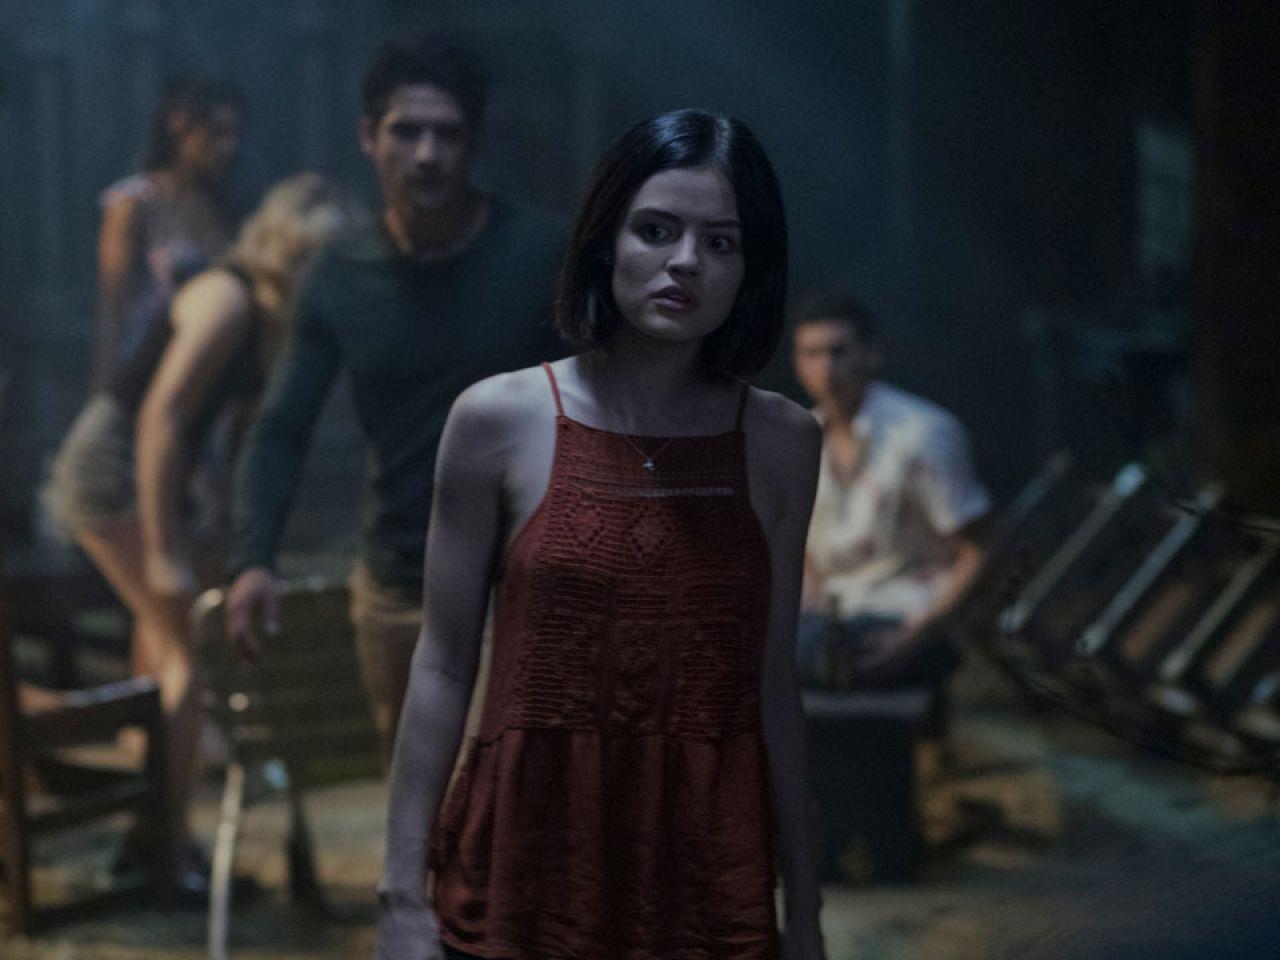 Obbligo o verità: Lucy Hale è la vittima del gioco nel trailer italiano